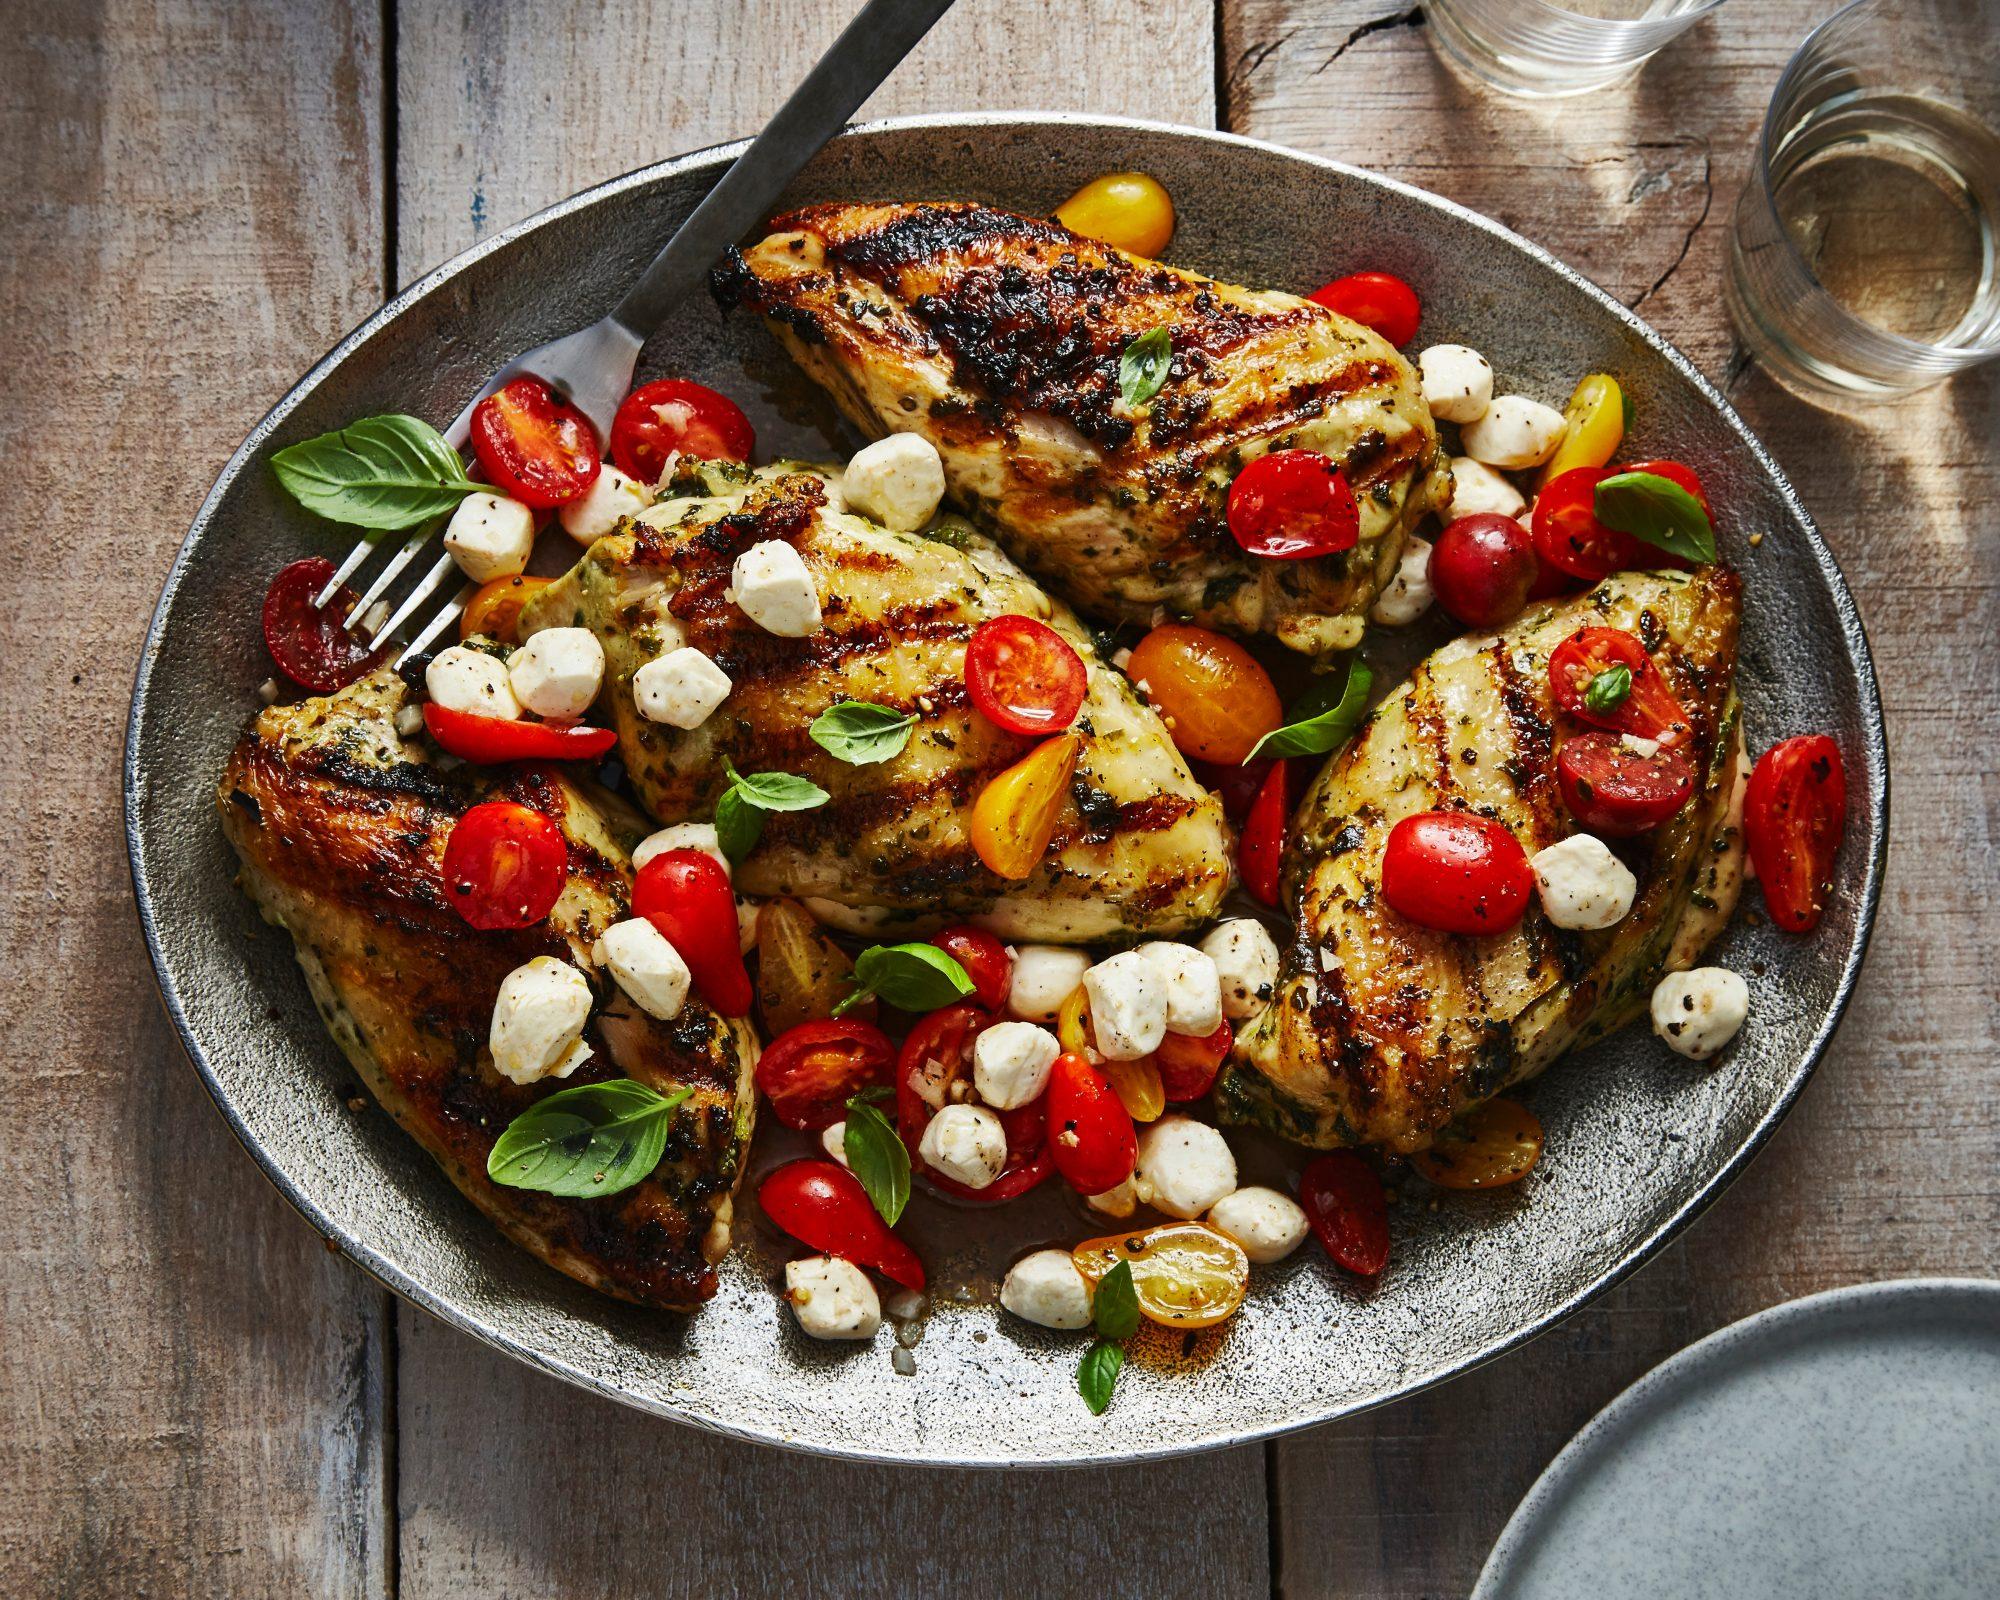 Garlic-Basil Grilled Chicken with Caprese Salsa